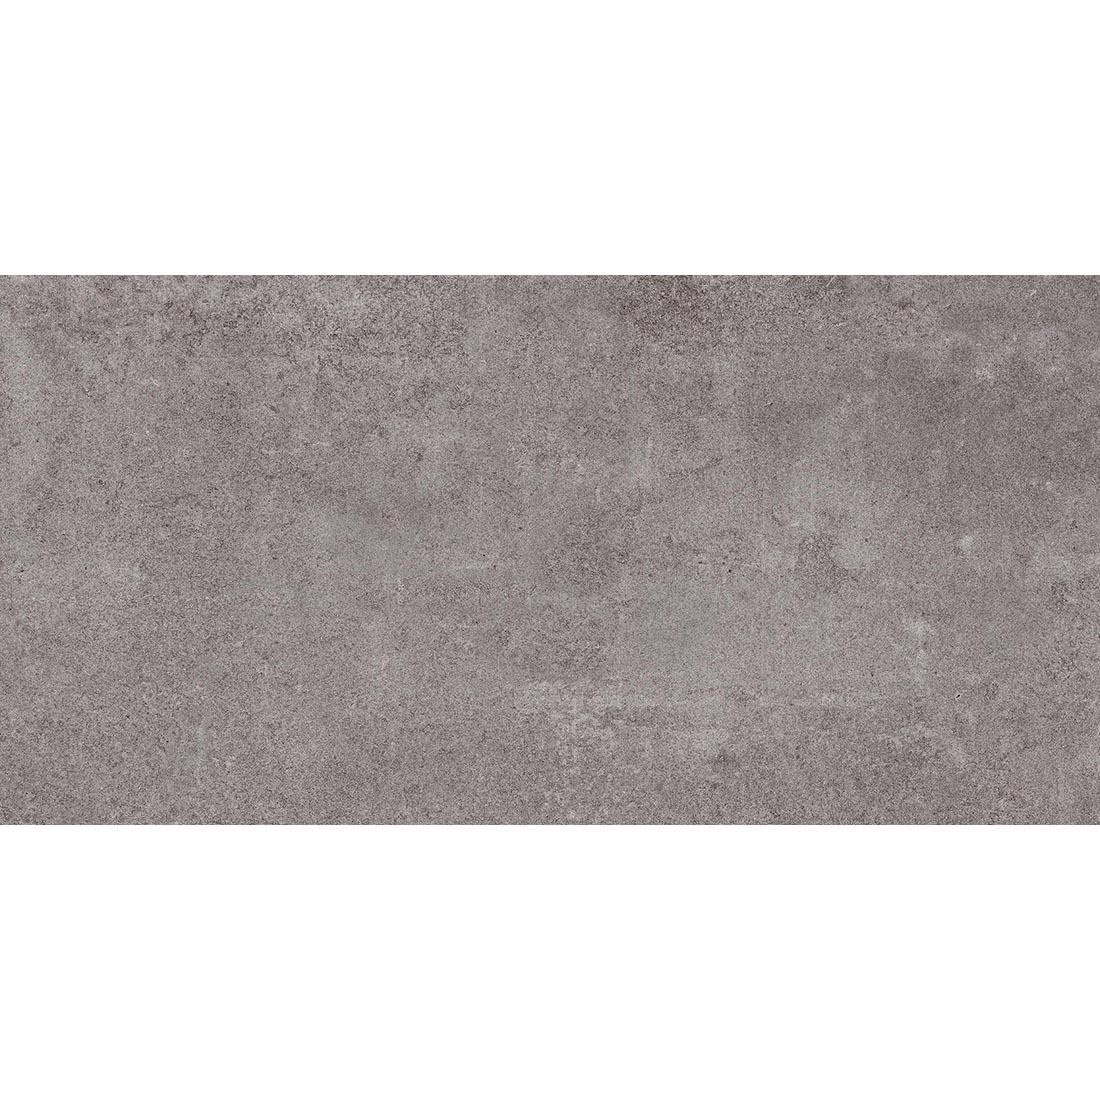 Cementk 30x60 Anthracite Matt R10 1